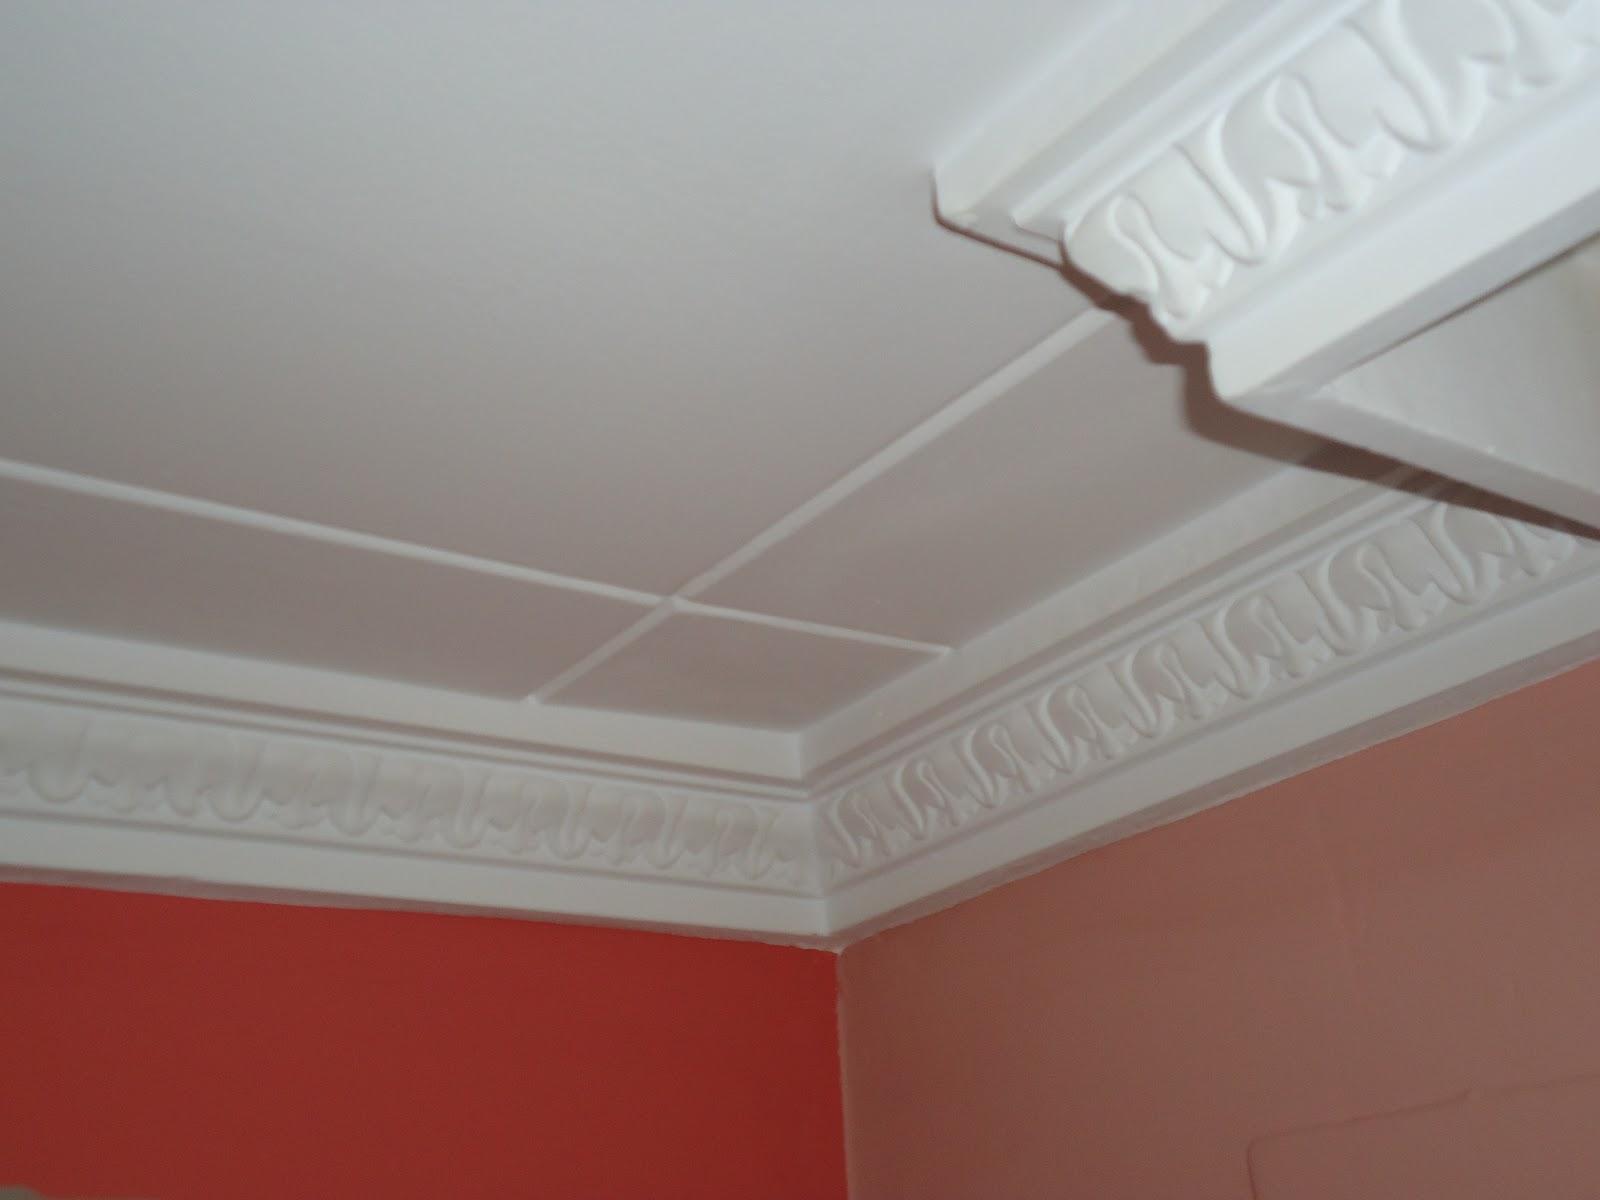 Cornisa decorativa de escayola quiero reformar mi casa - Molduras para techos y paredes ...